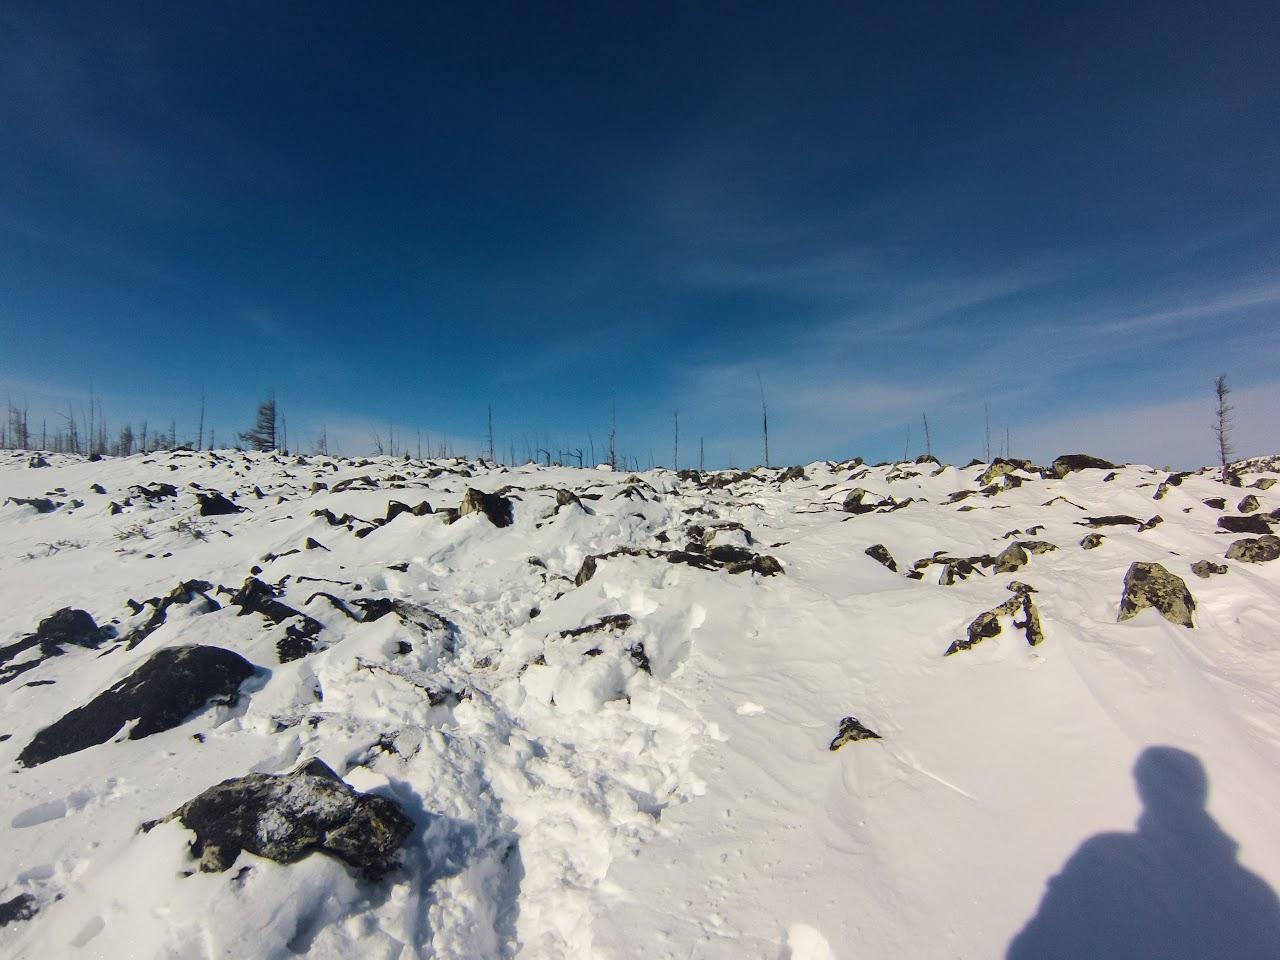 Следы спортсменов на снежном подъеме на вершину - Скоростное восхождение на голец Саранакан 2017